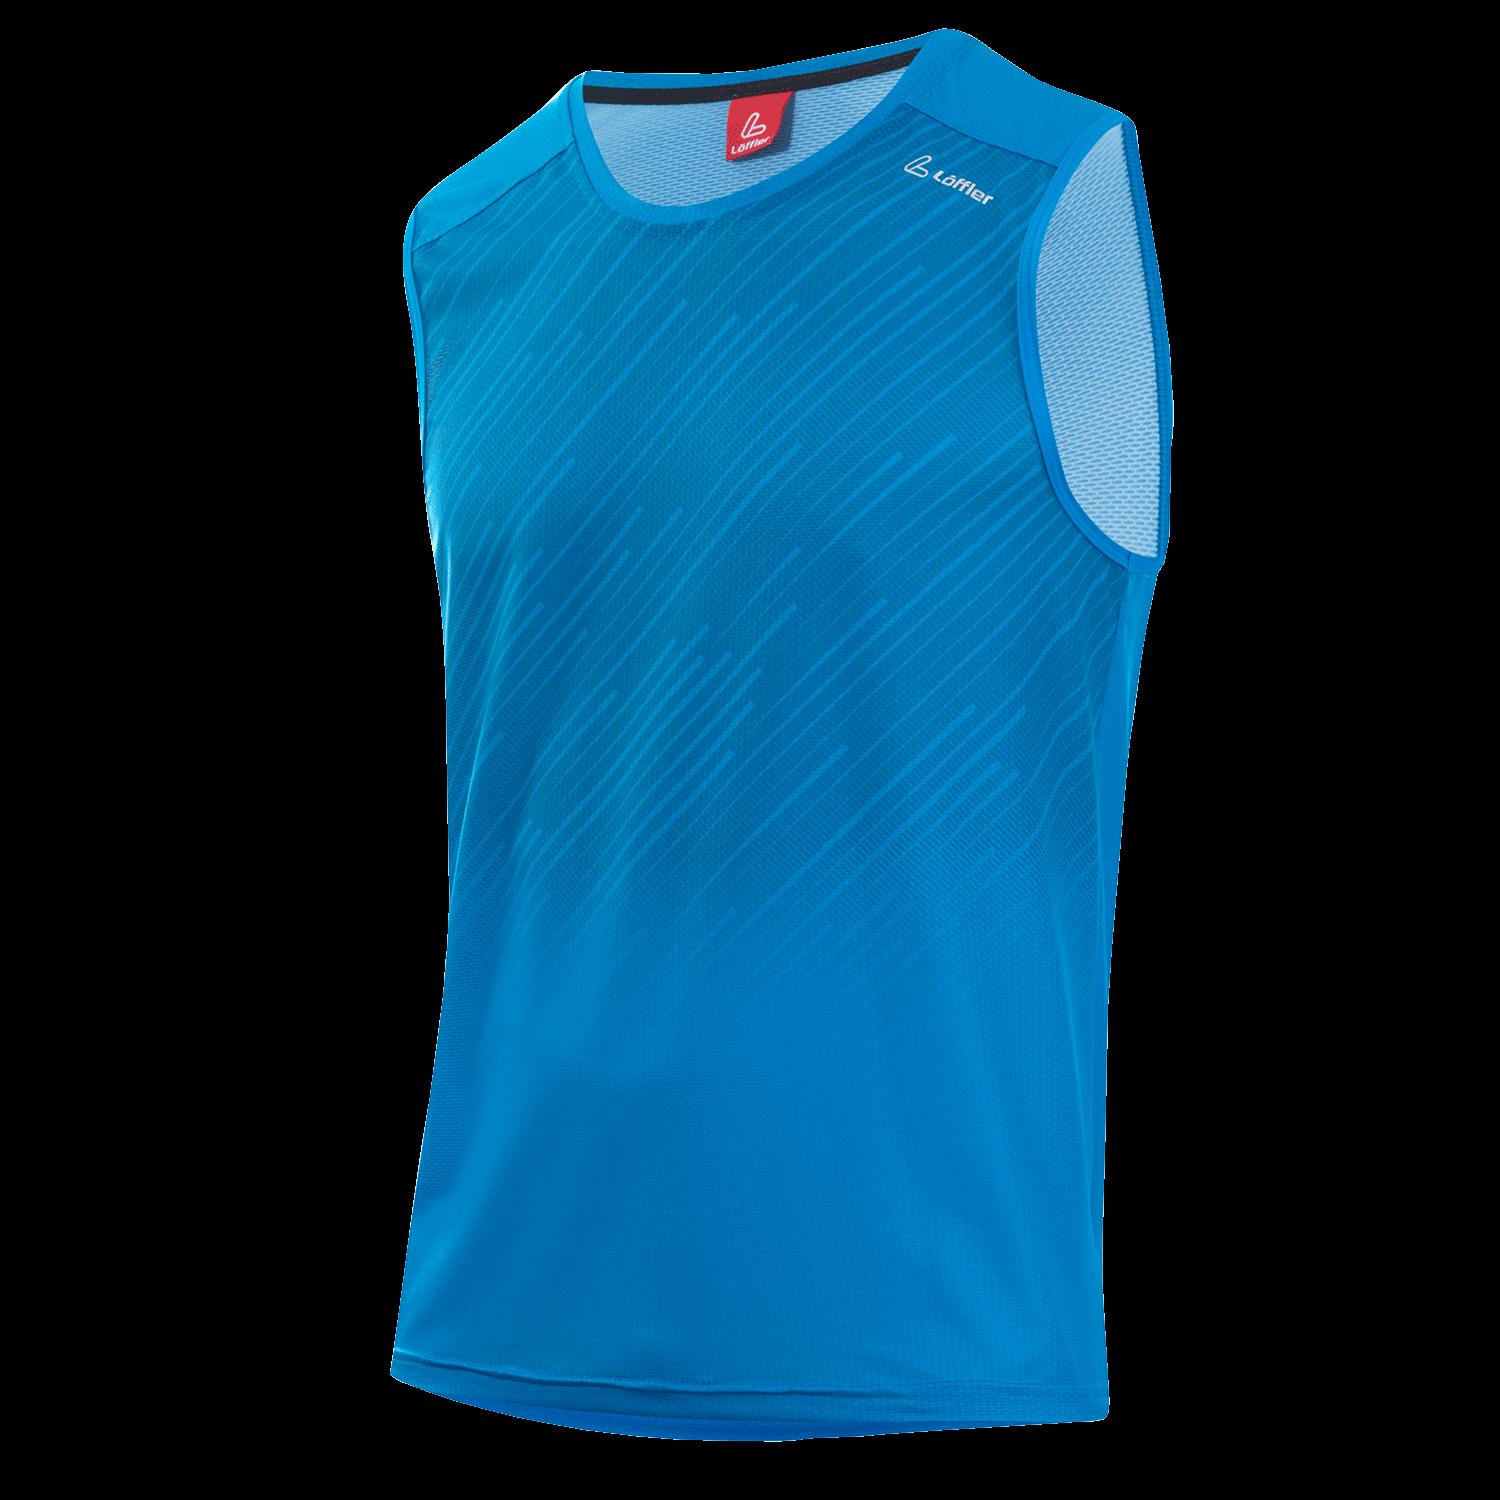 Löffler Herren Tank Top Shirt AERO 23605 brilliant blau